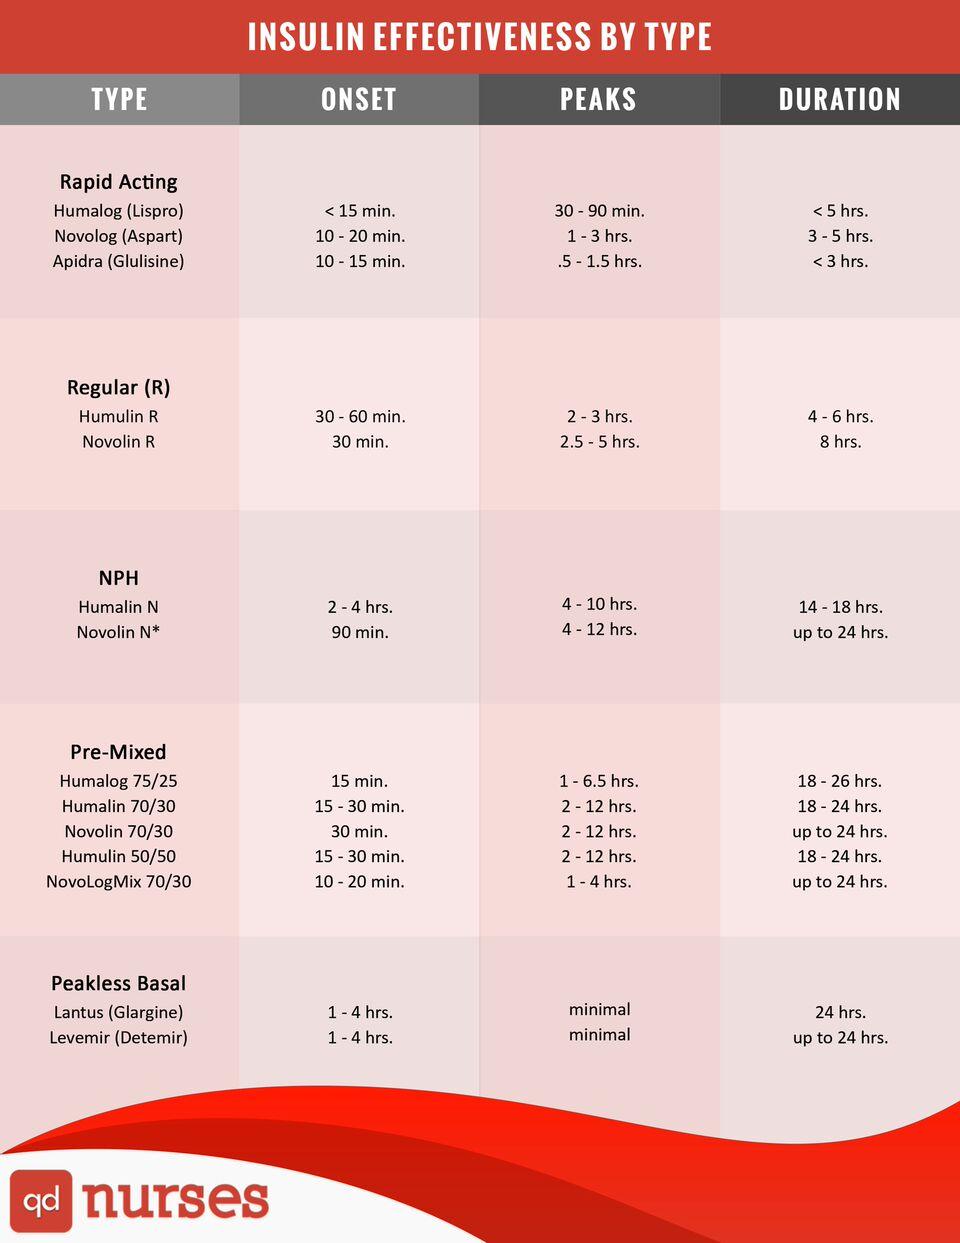 Insulin Effectiveness By Type